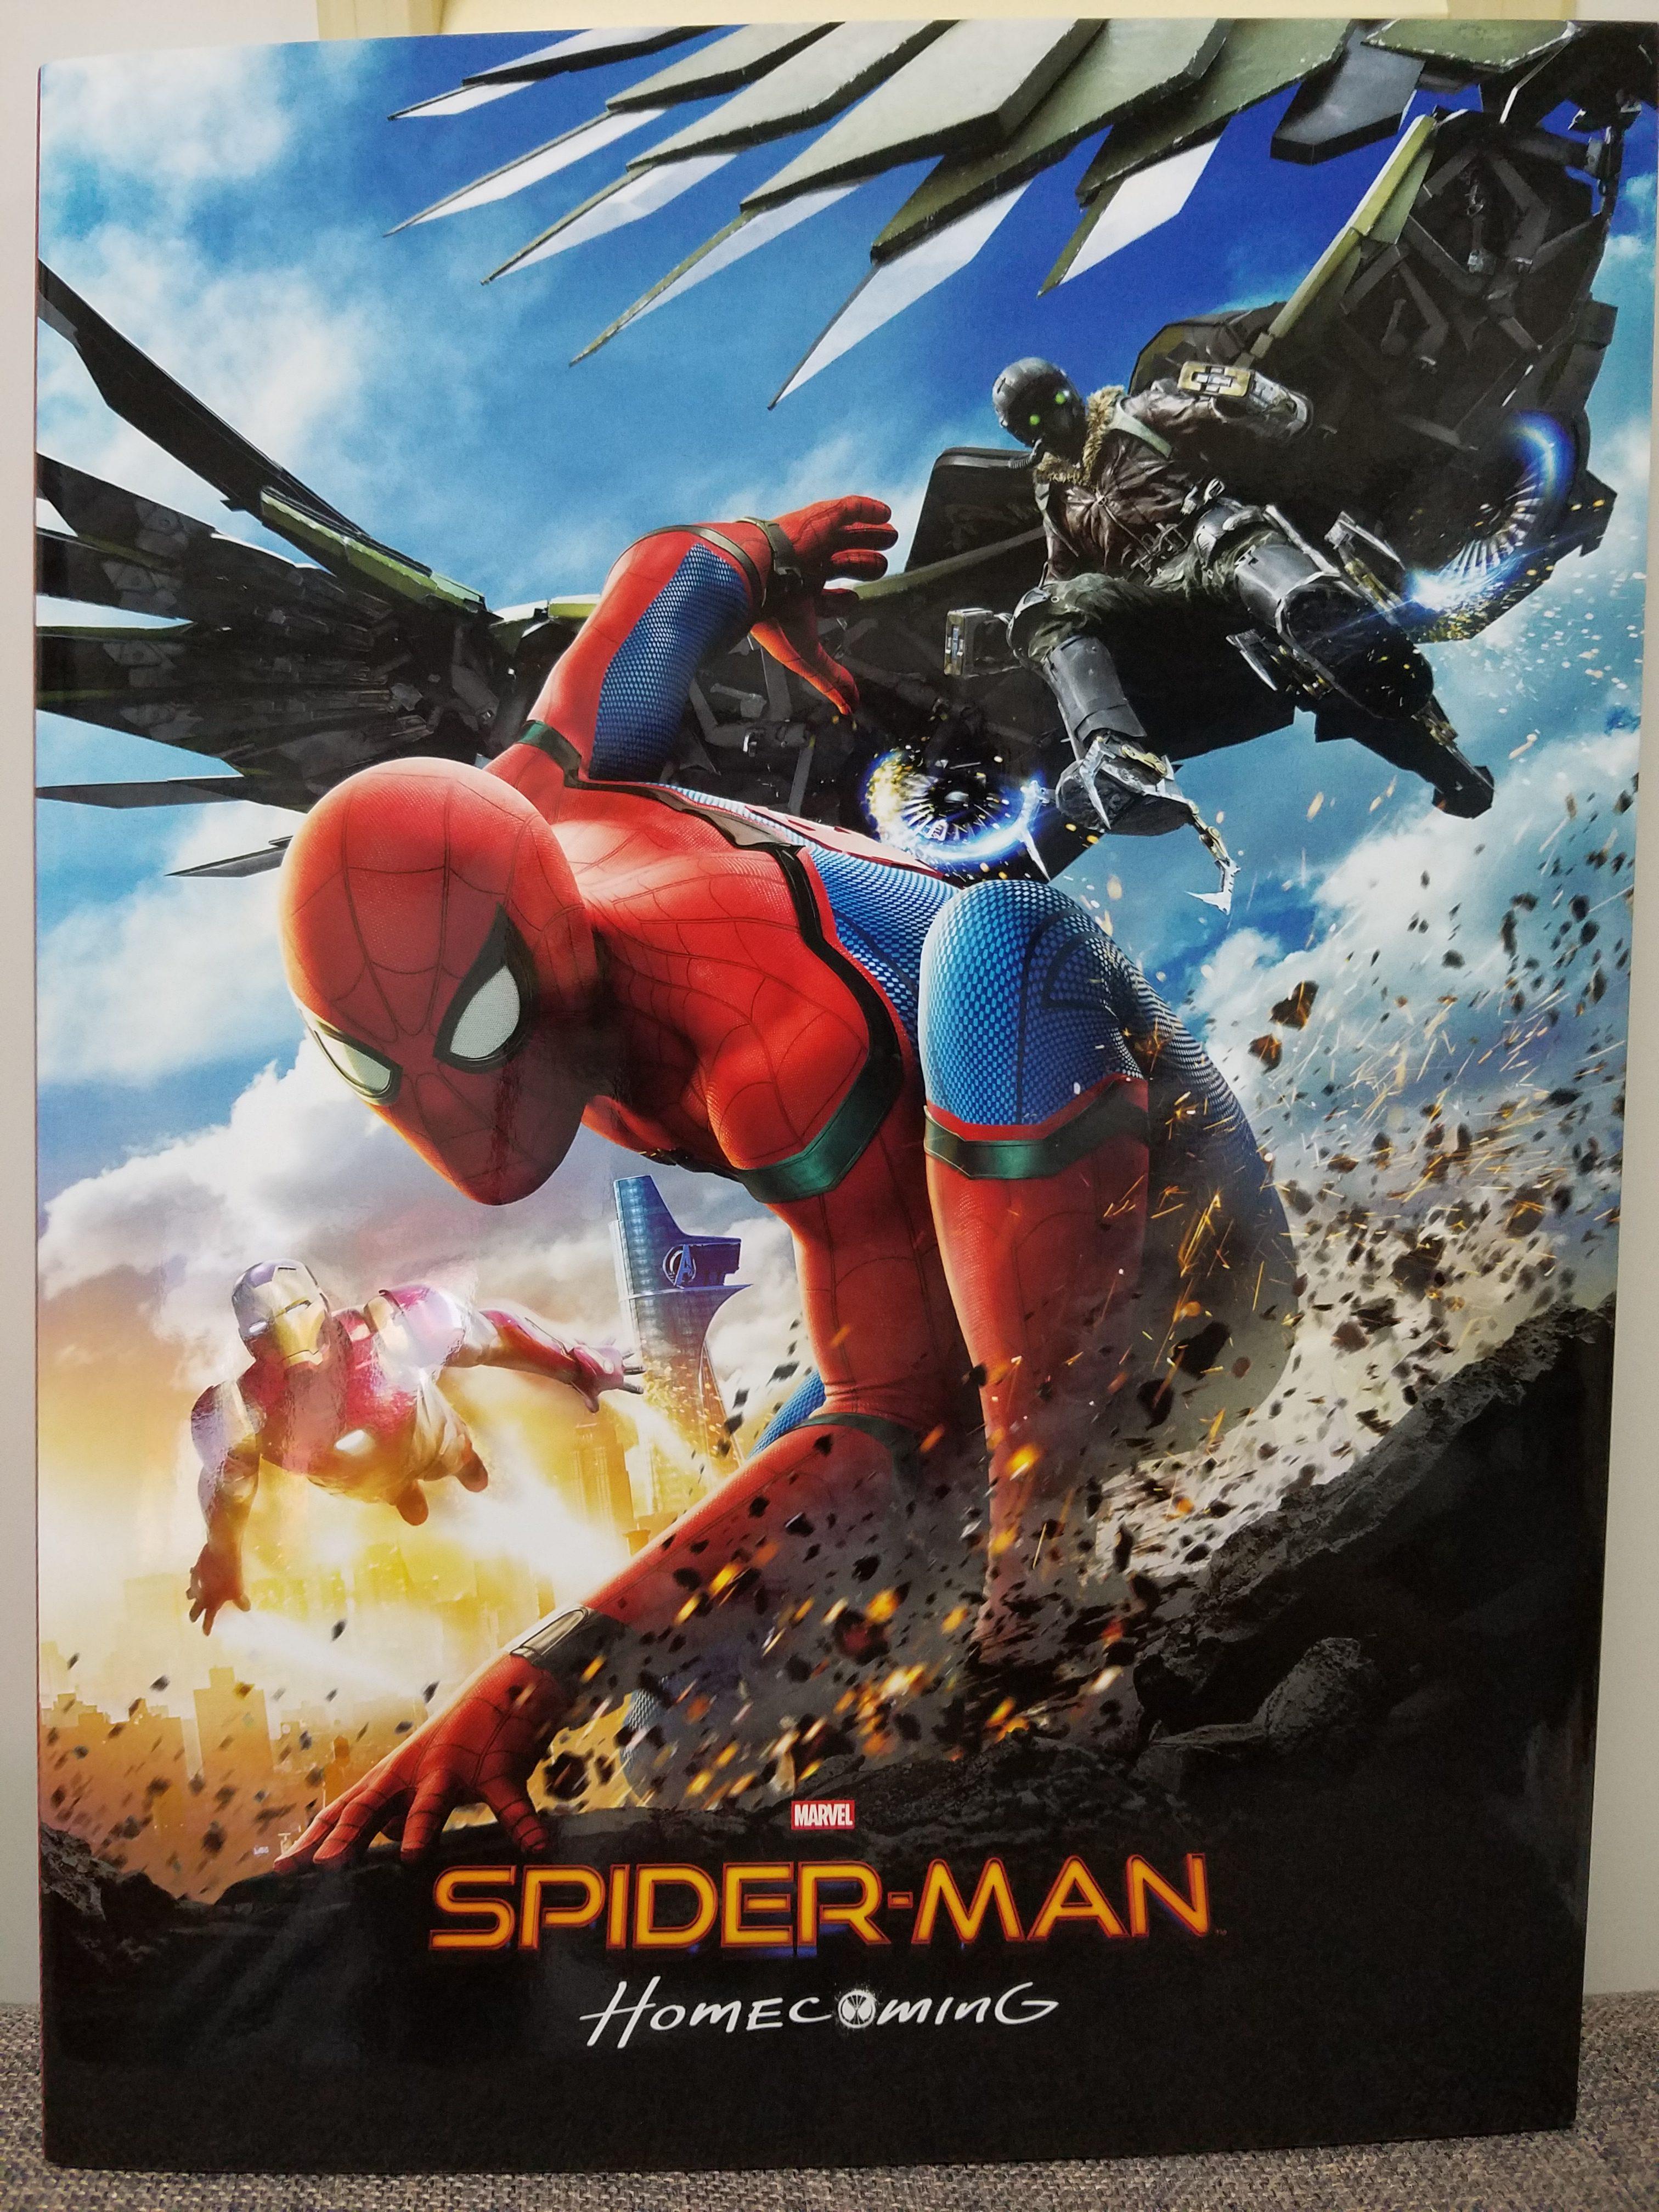 『スパイダーマン:ホームカミング』感想とネタバレ!「親愛なる隣人」は健在!